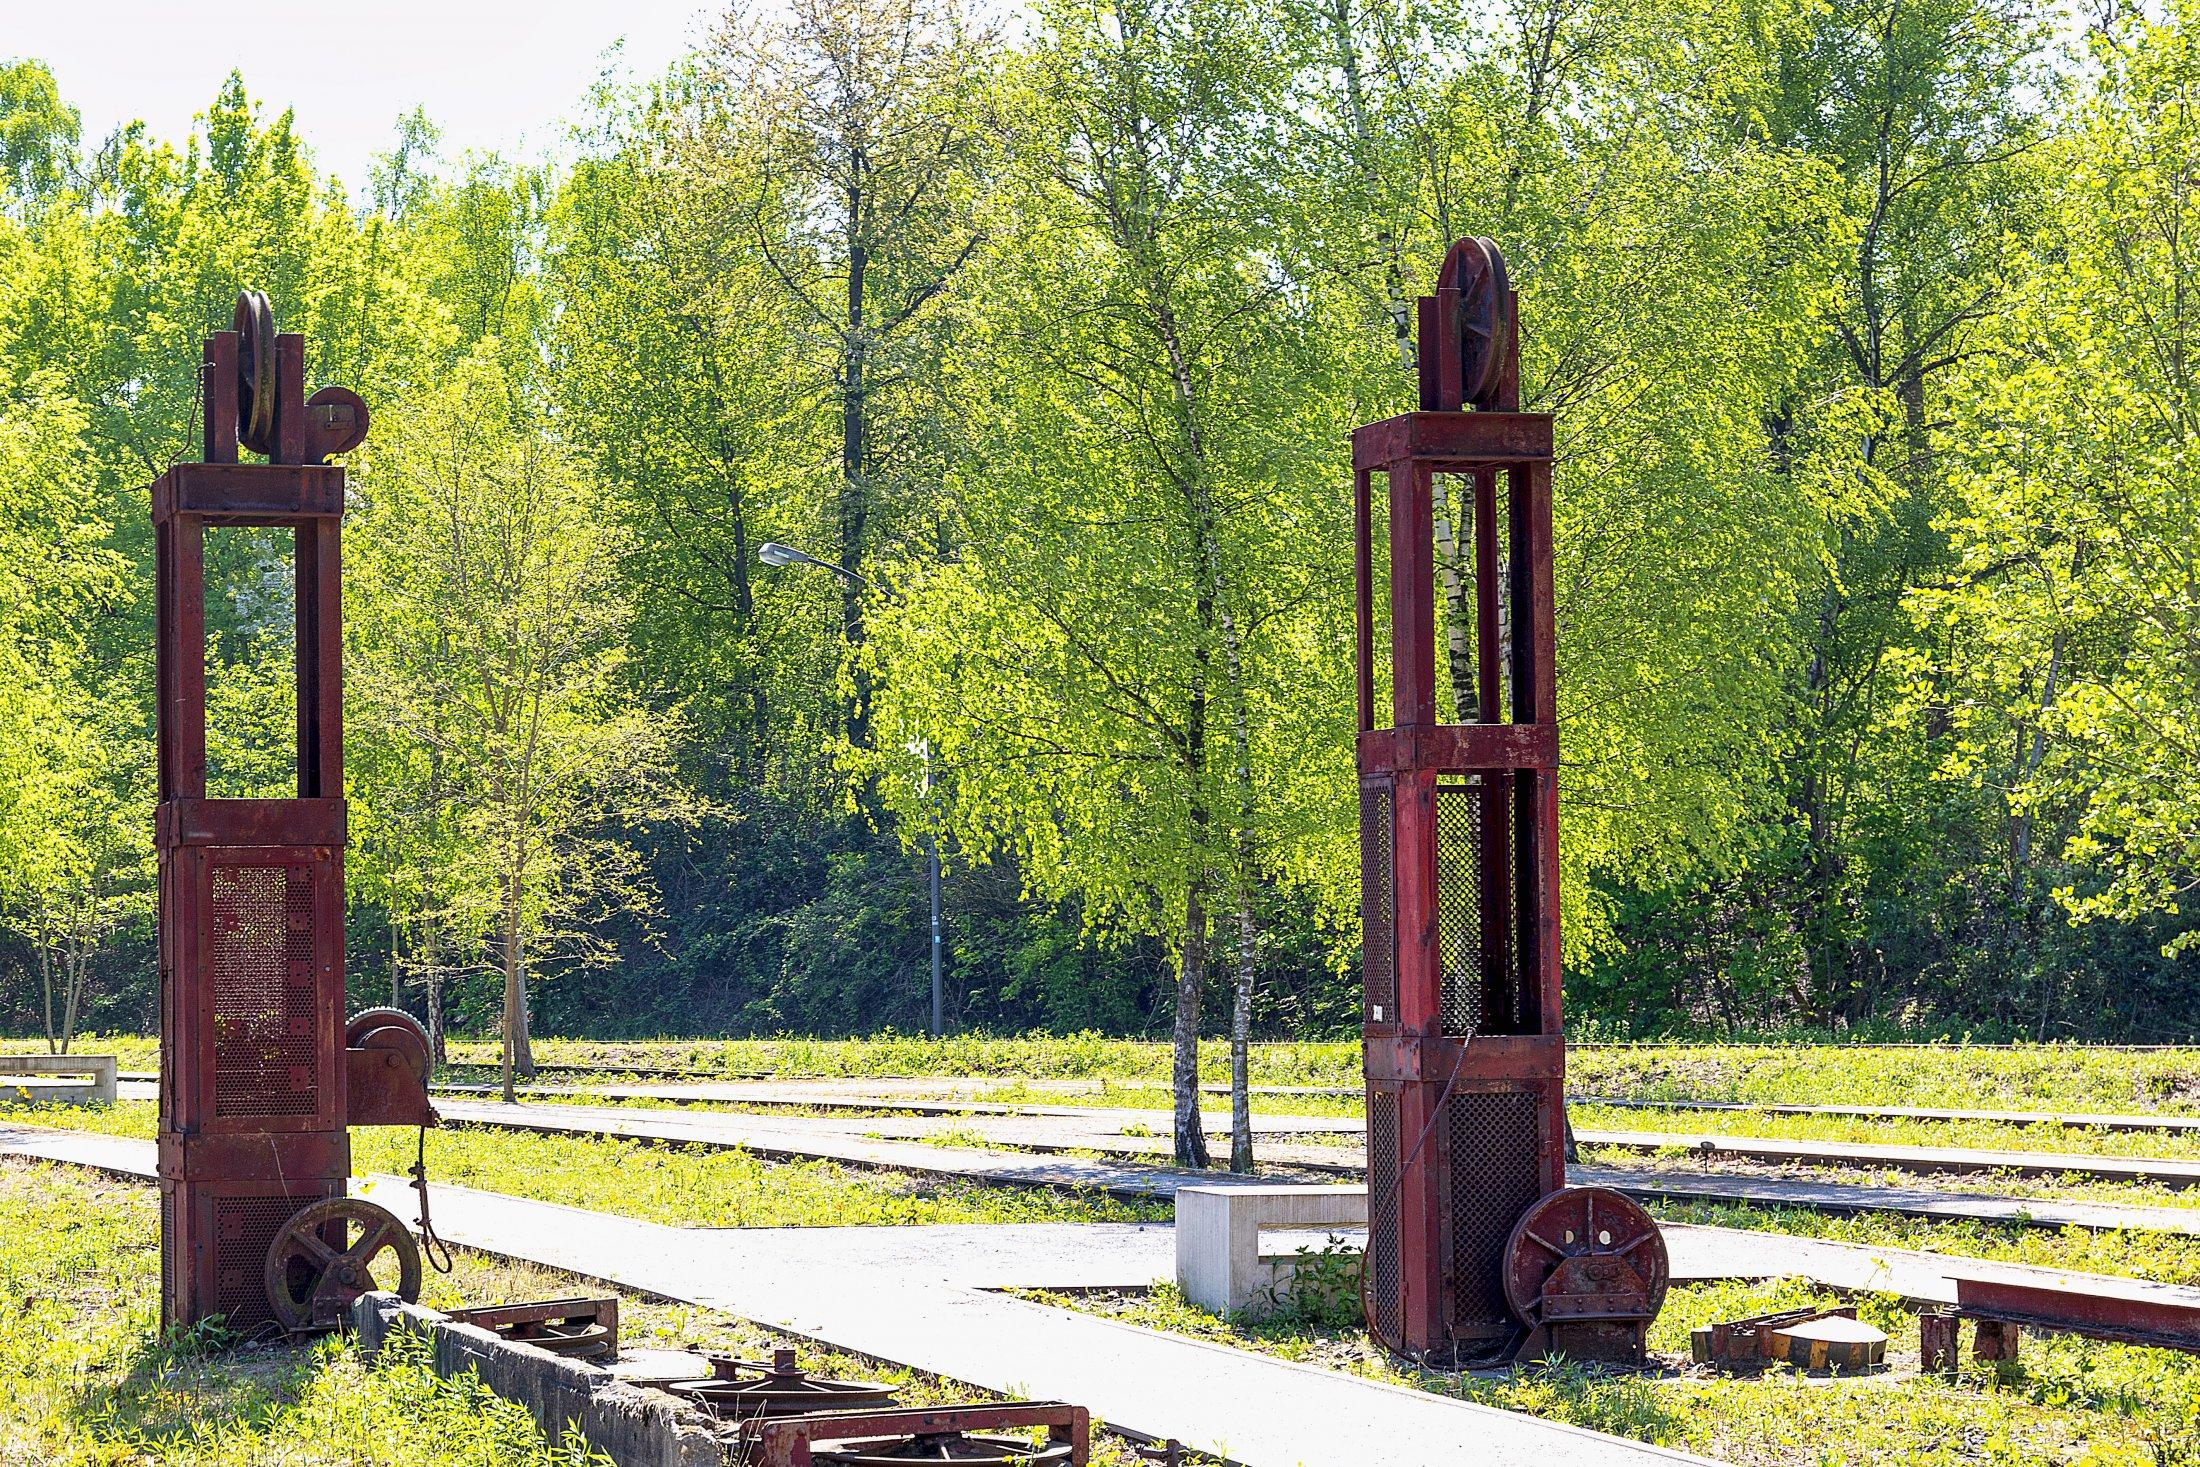 Einrichtung zur Steuerung der Züge